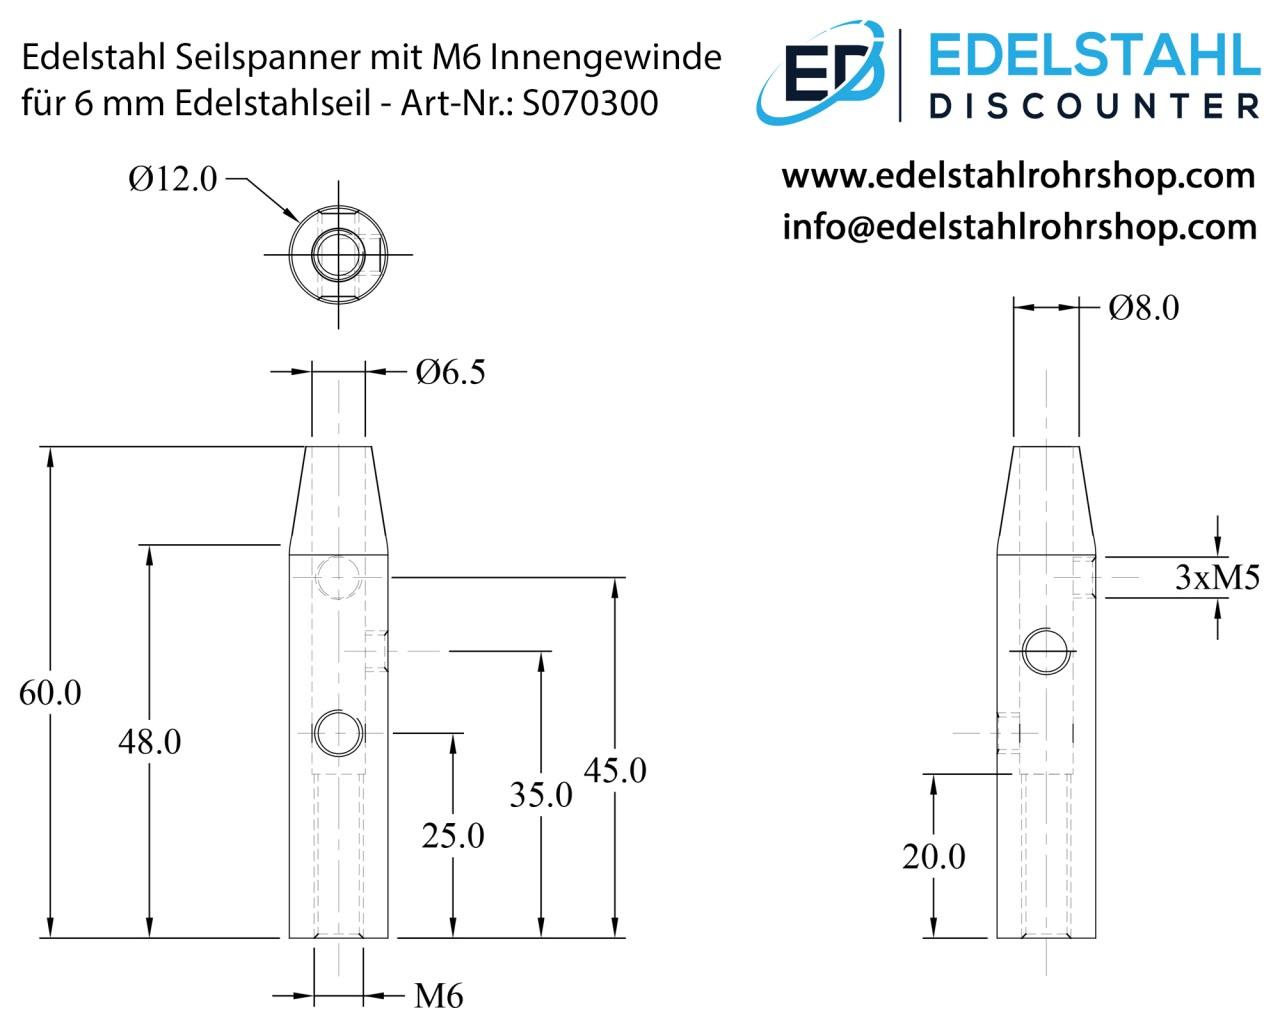 Ziemlich Drahtseil Diagramm Galerie - Der Schaltplan - greigo.com